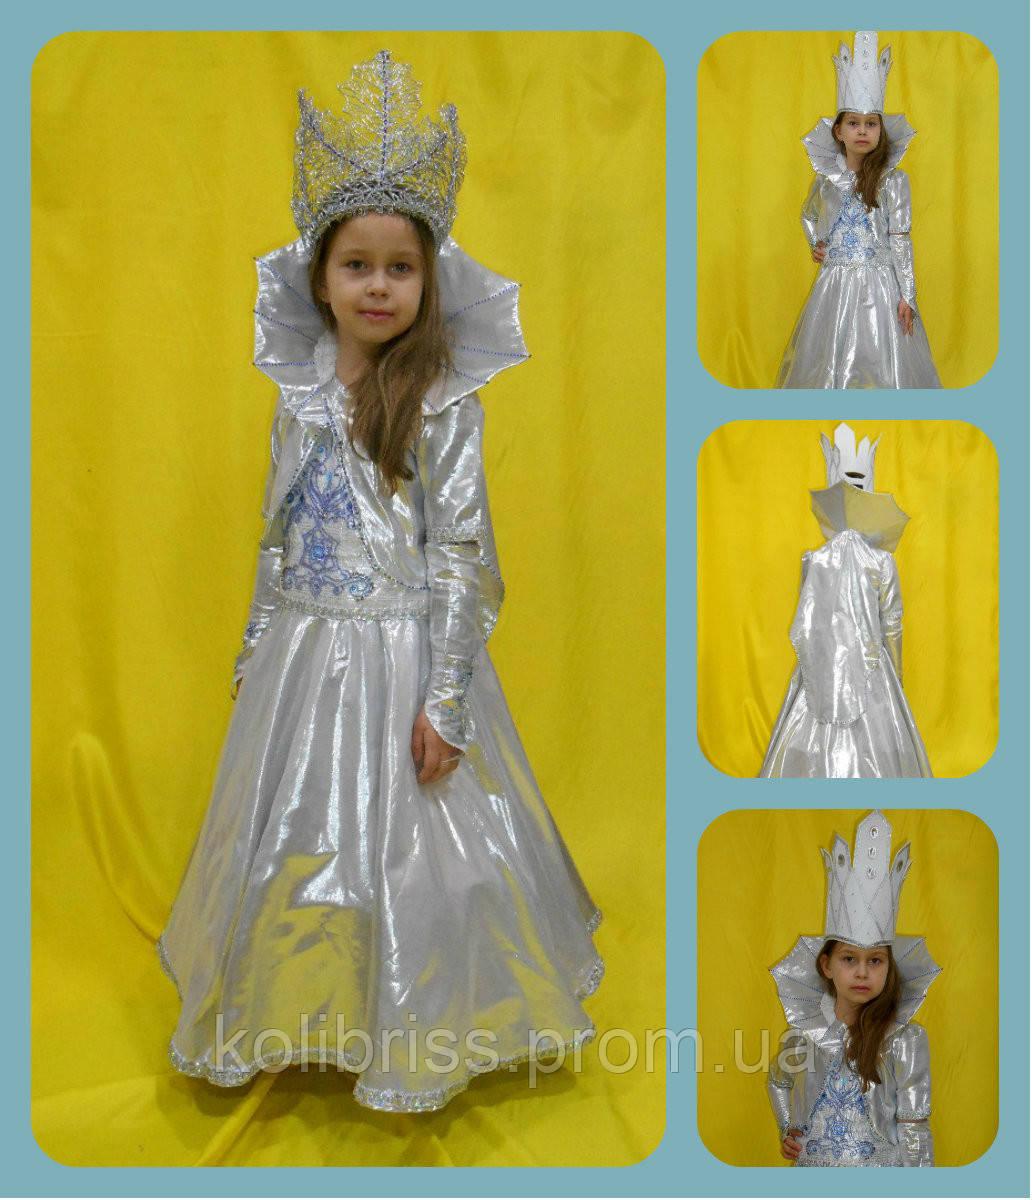 Шикарный костюм снежной королевы . Снежная королева, зима прокат Киев